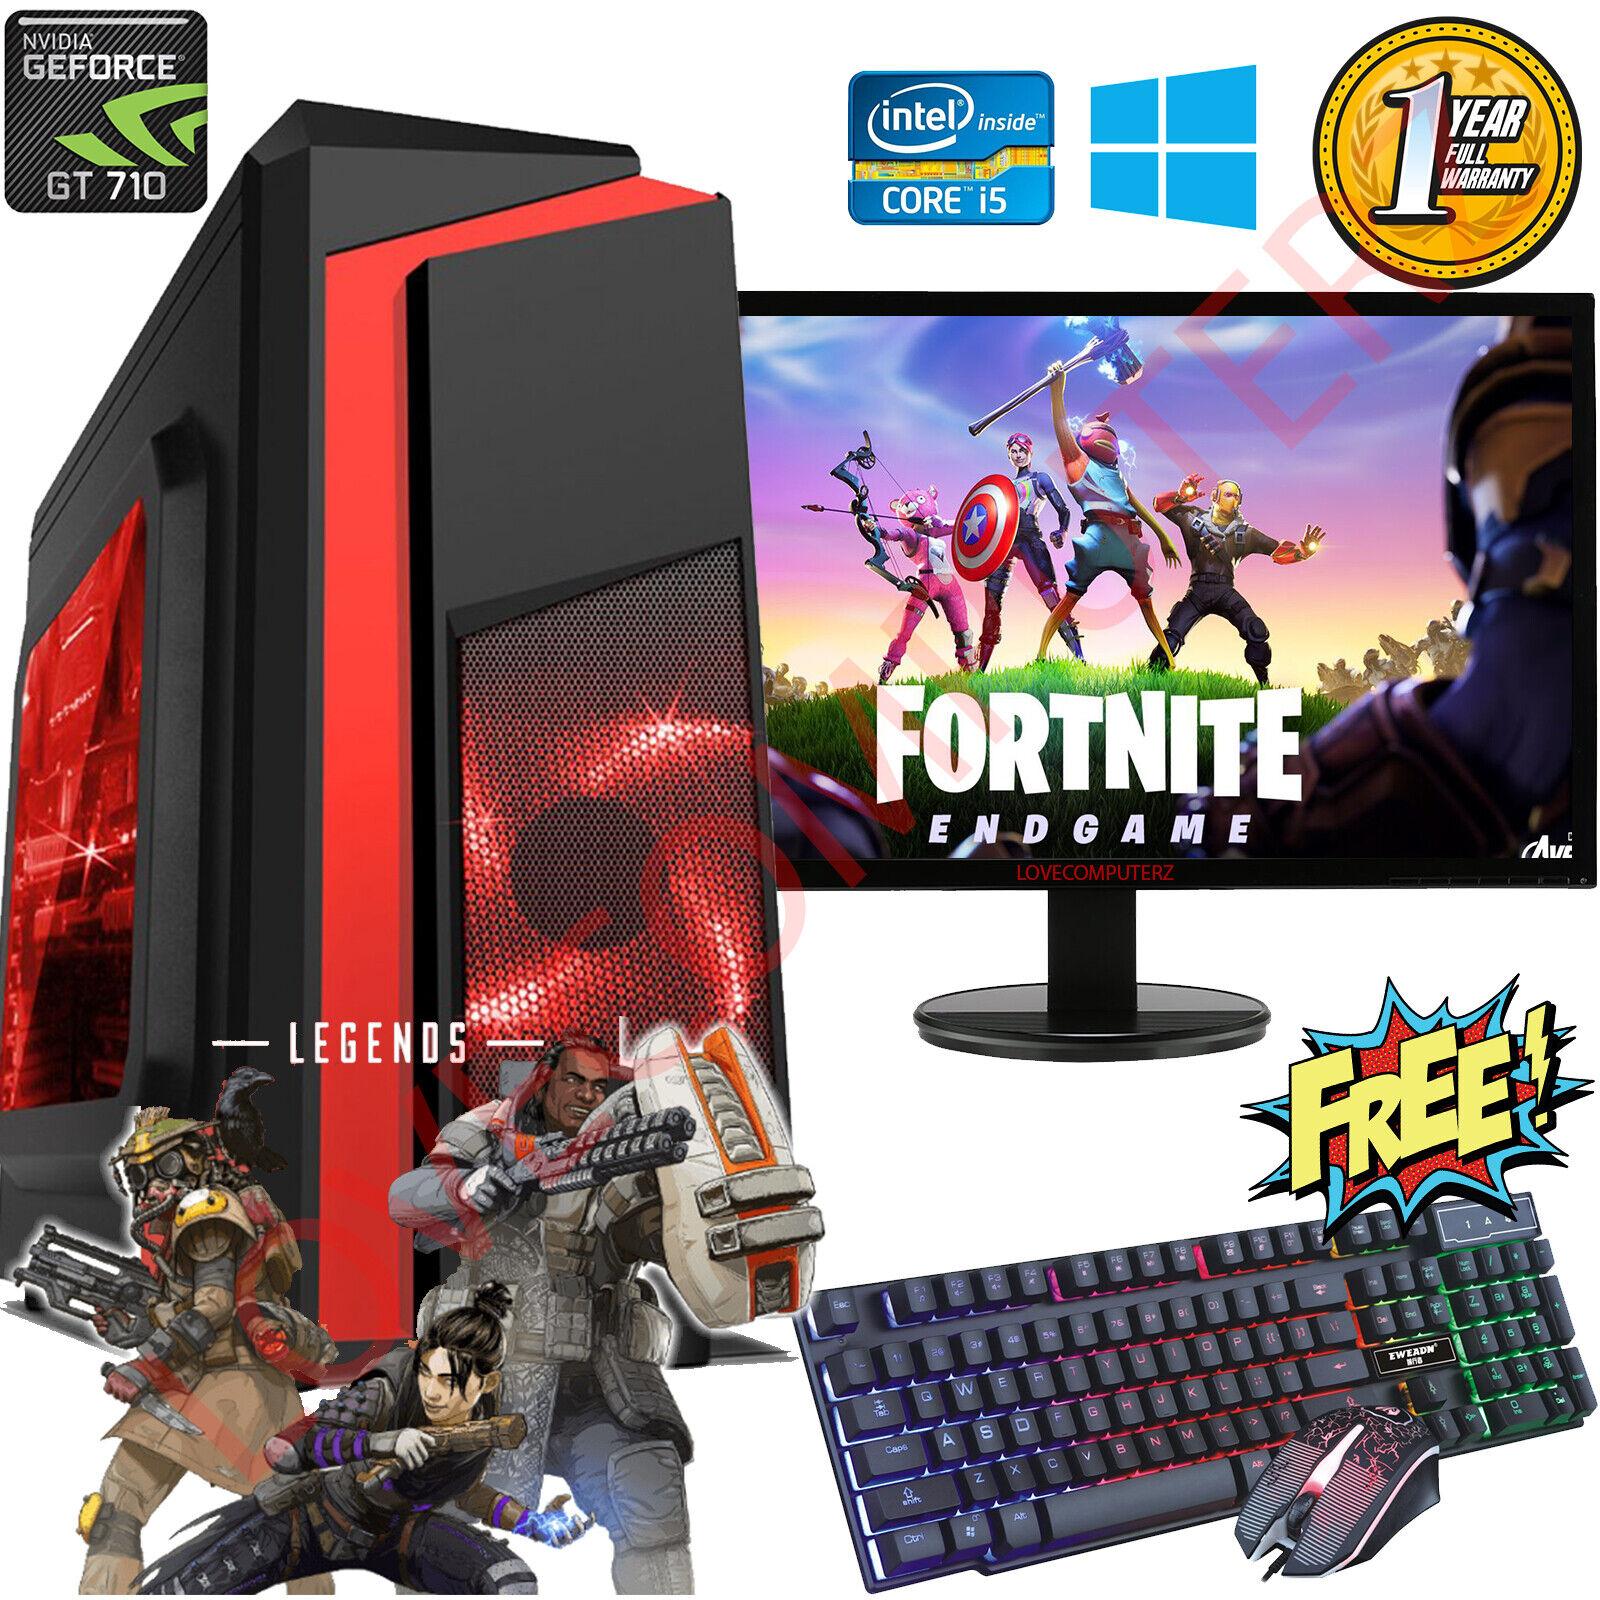 Computer Games - Gaming PC Computer Bundle Intel Quad Core i5 8GB 1TB Win 10 2GB GT710 SUPER FAST